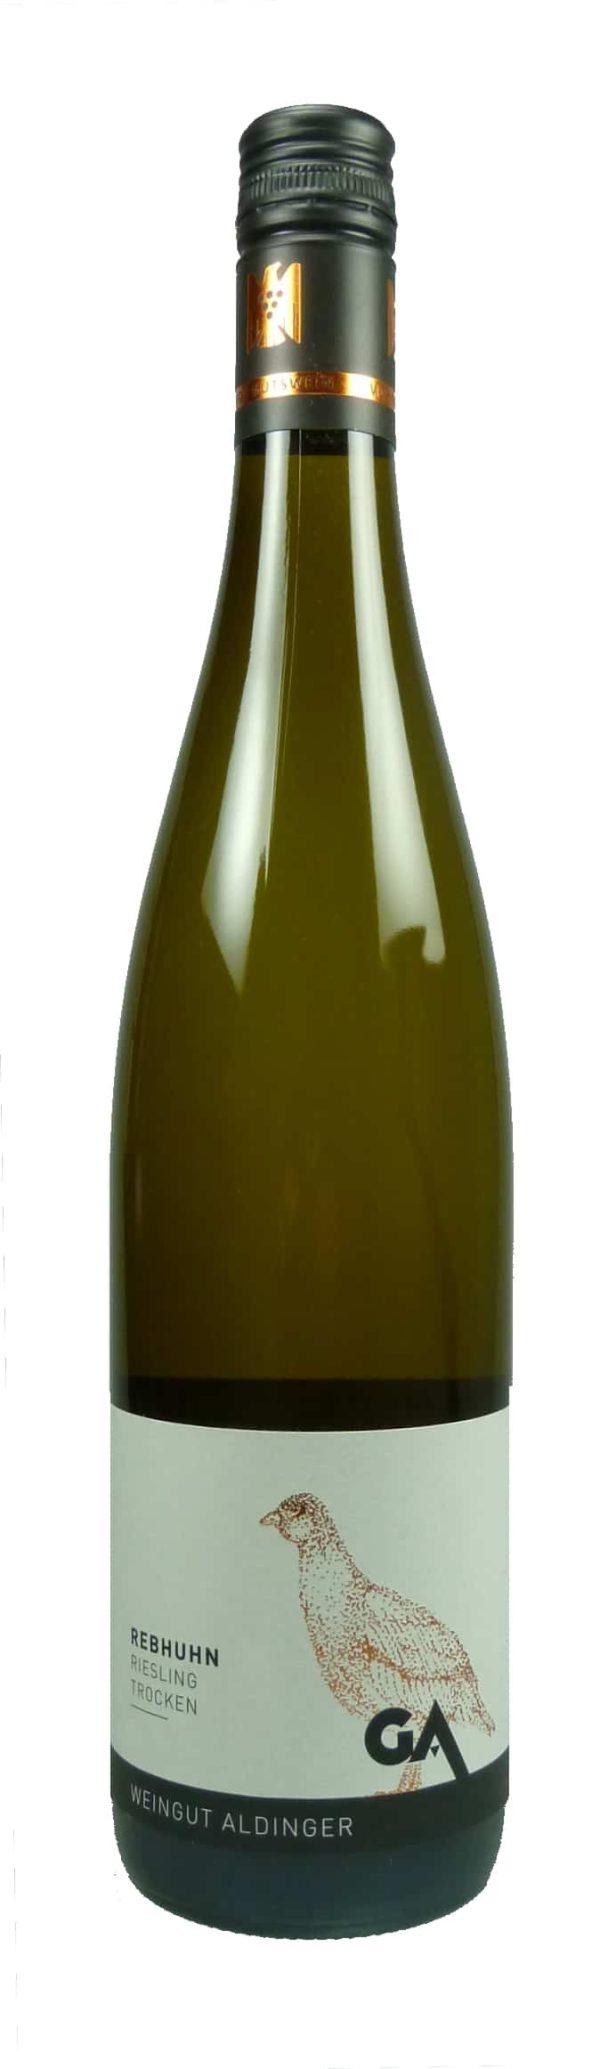 Rebhuhn Riesling Qualitätswein trocken 2017